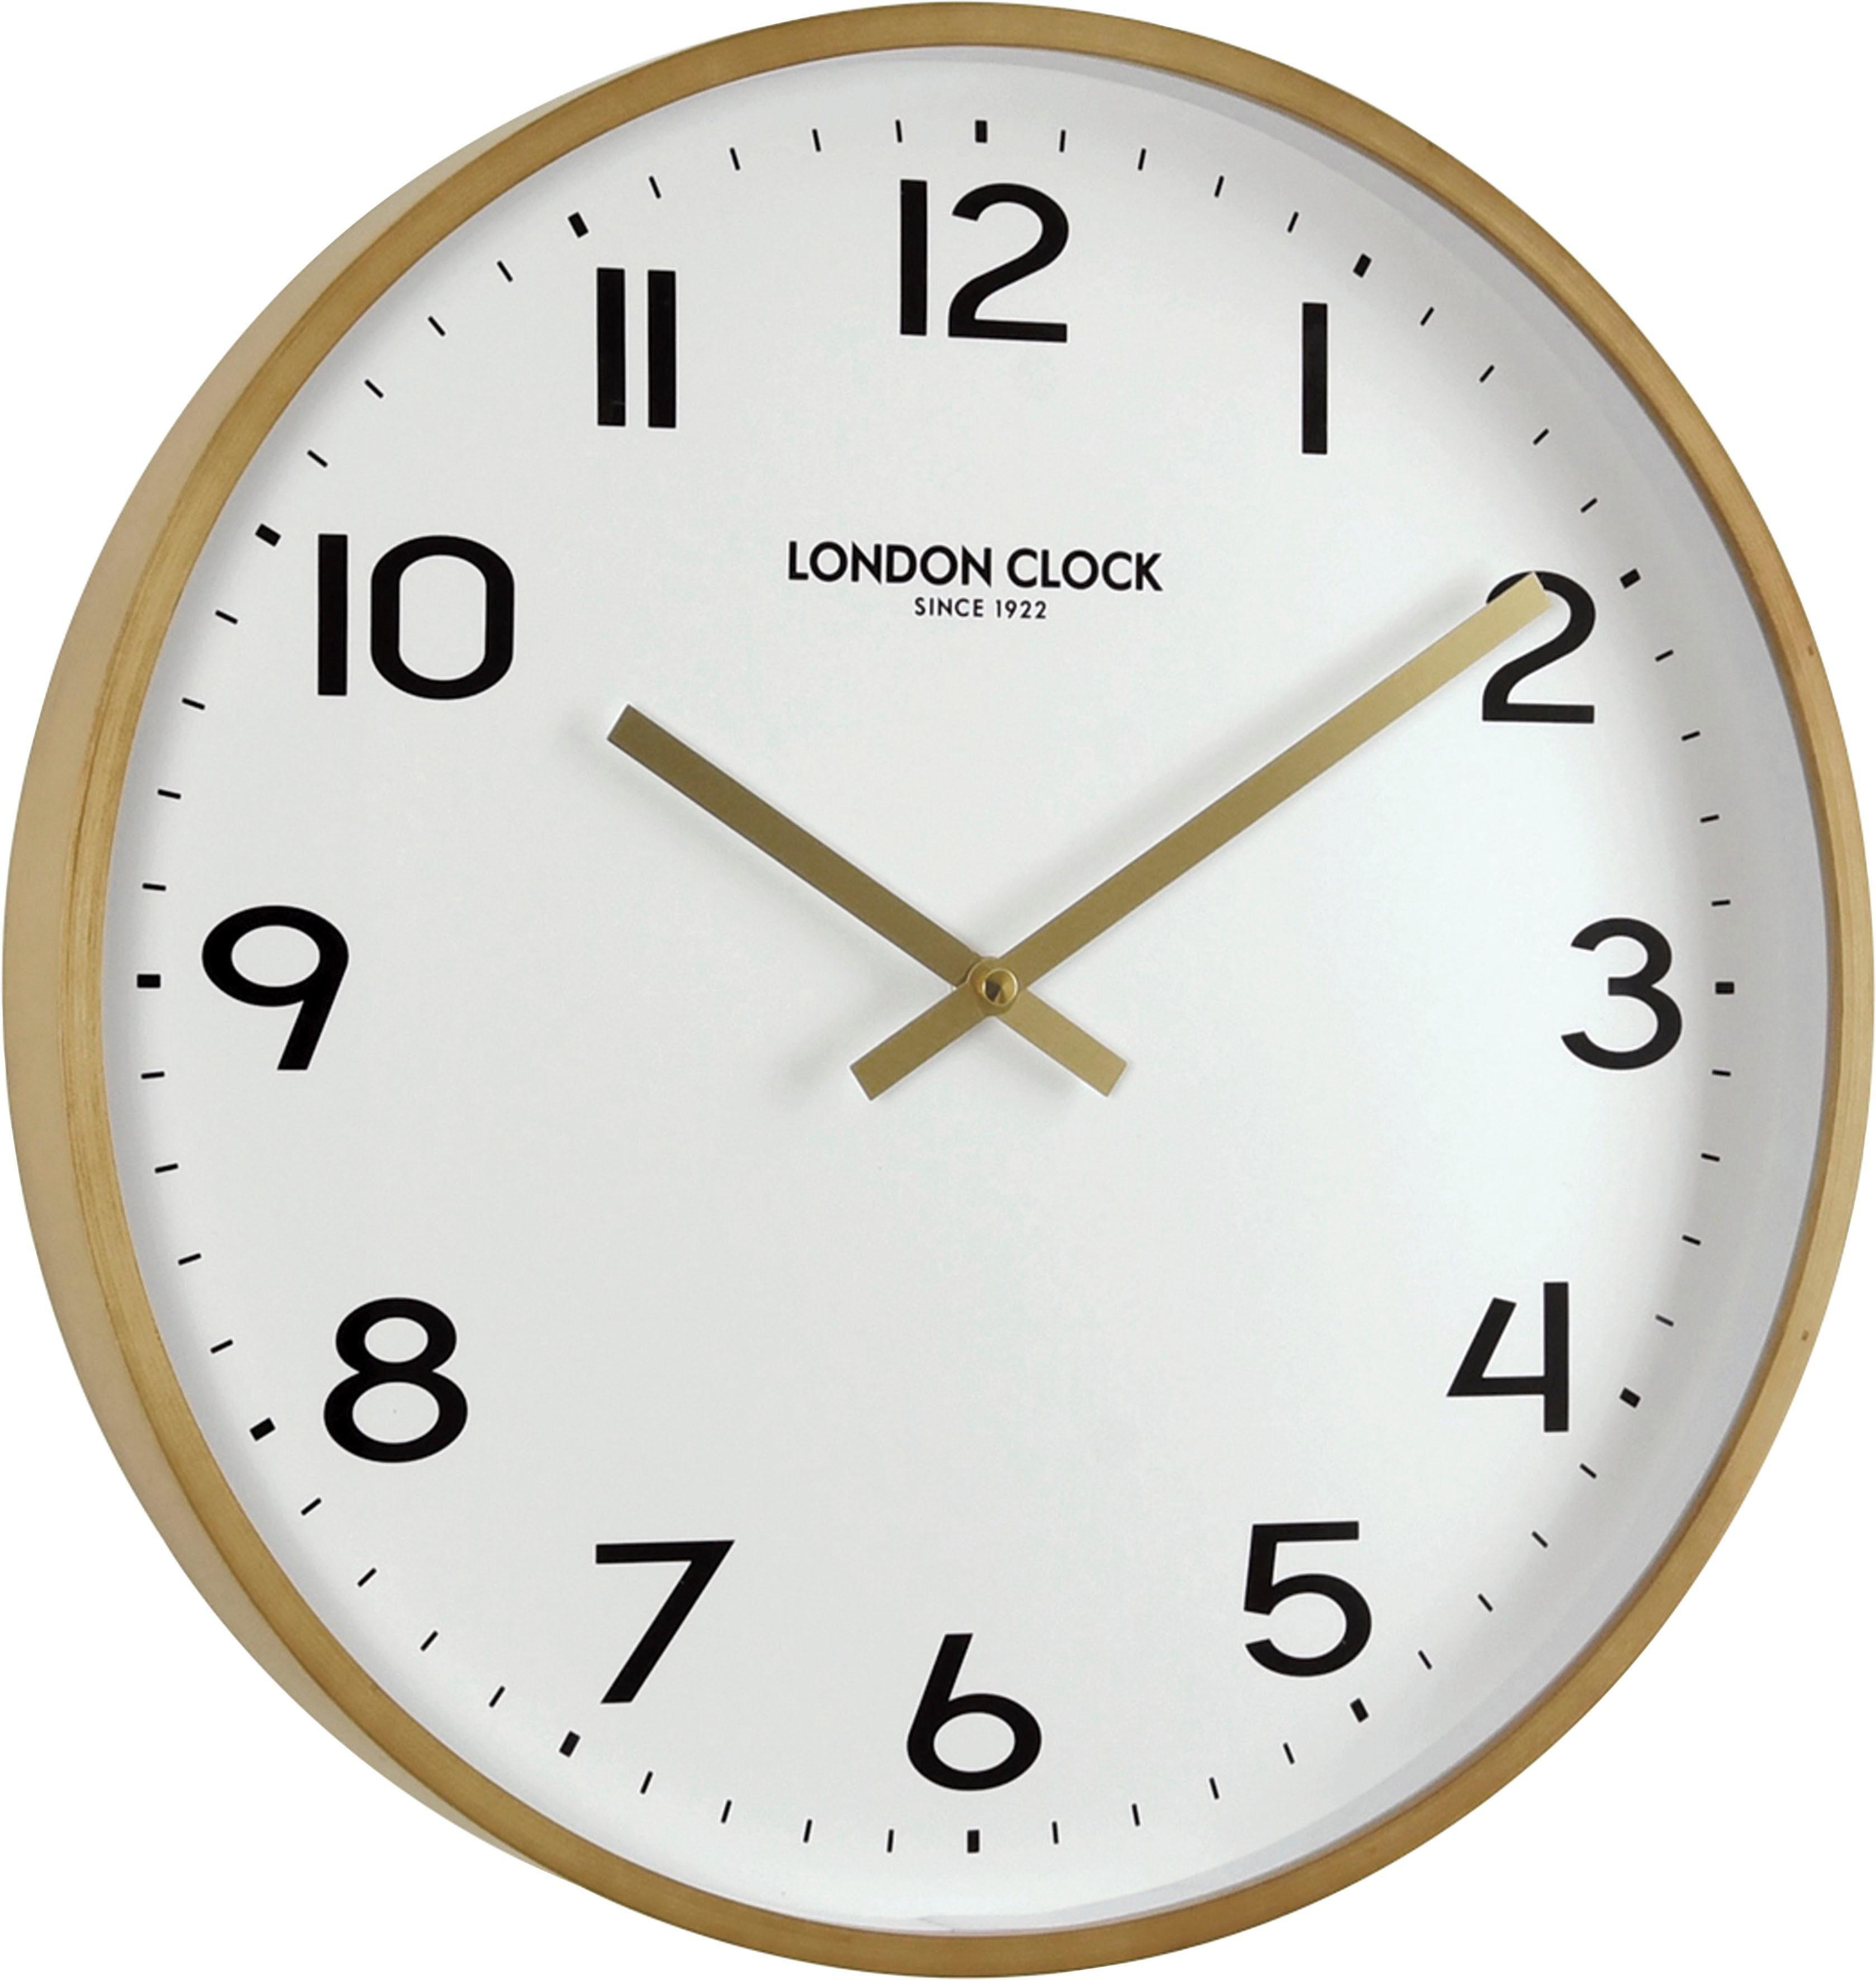 Wanduhr Inosign Aus 1922« »london BuchenholzOtto Clock wN8nk0OXP